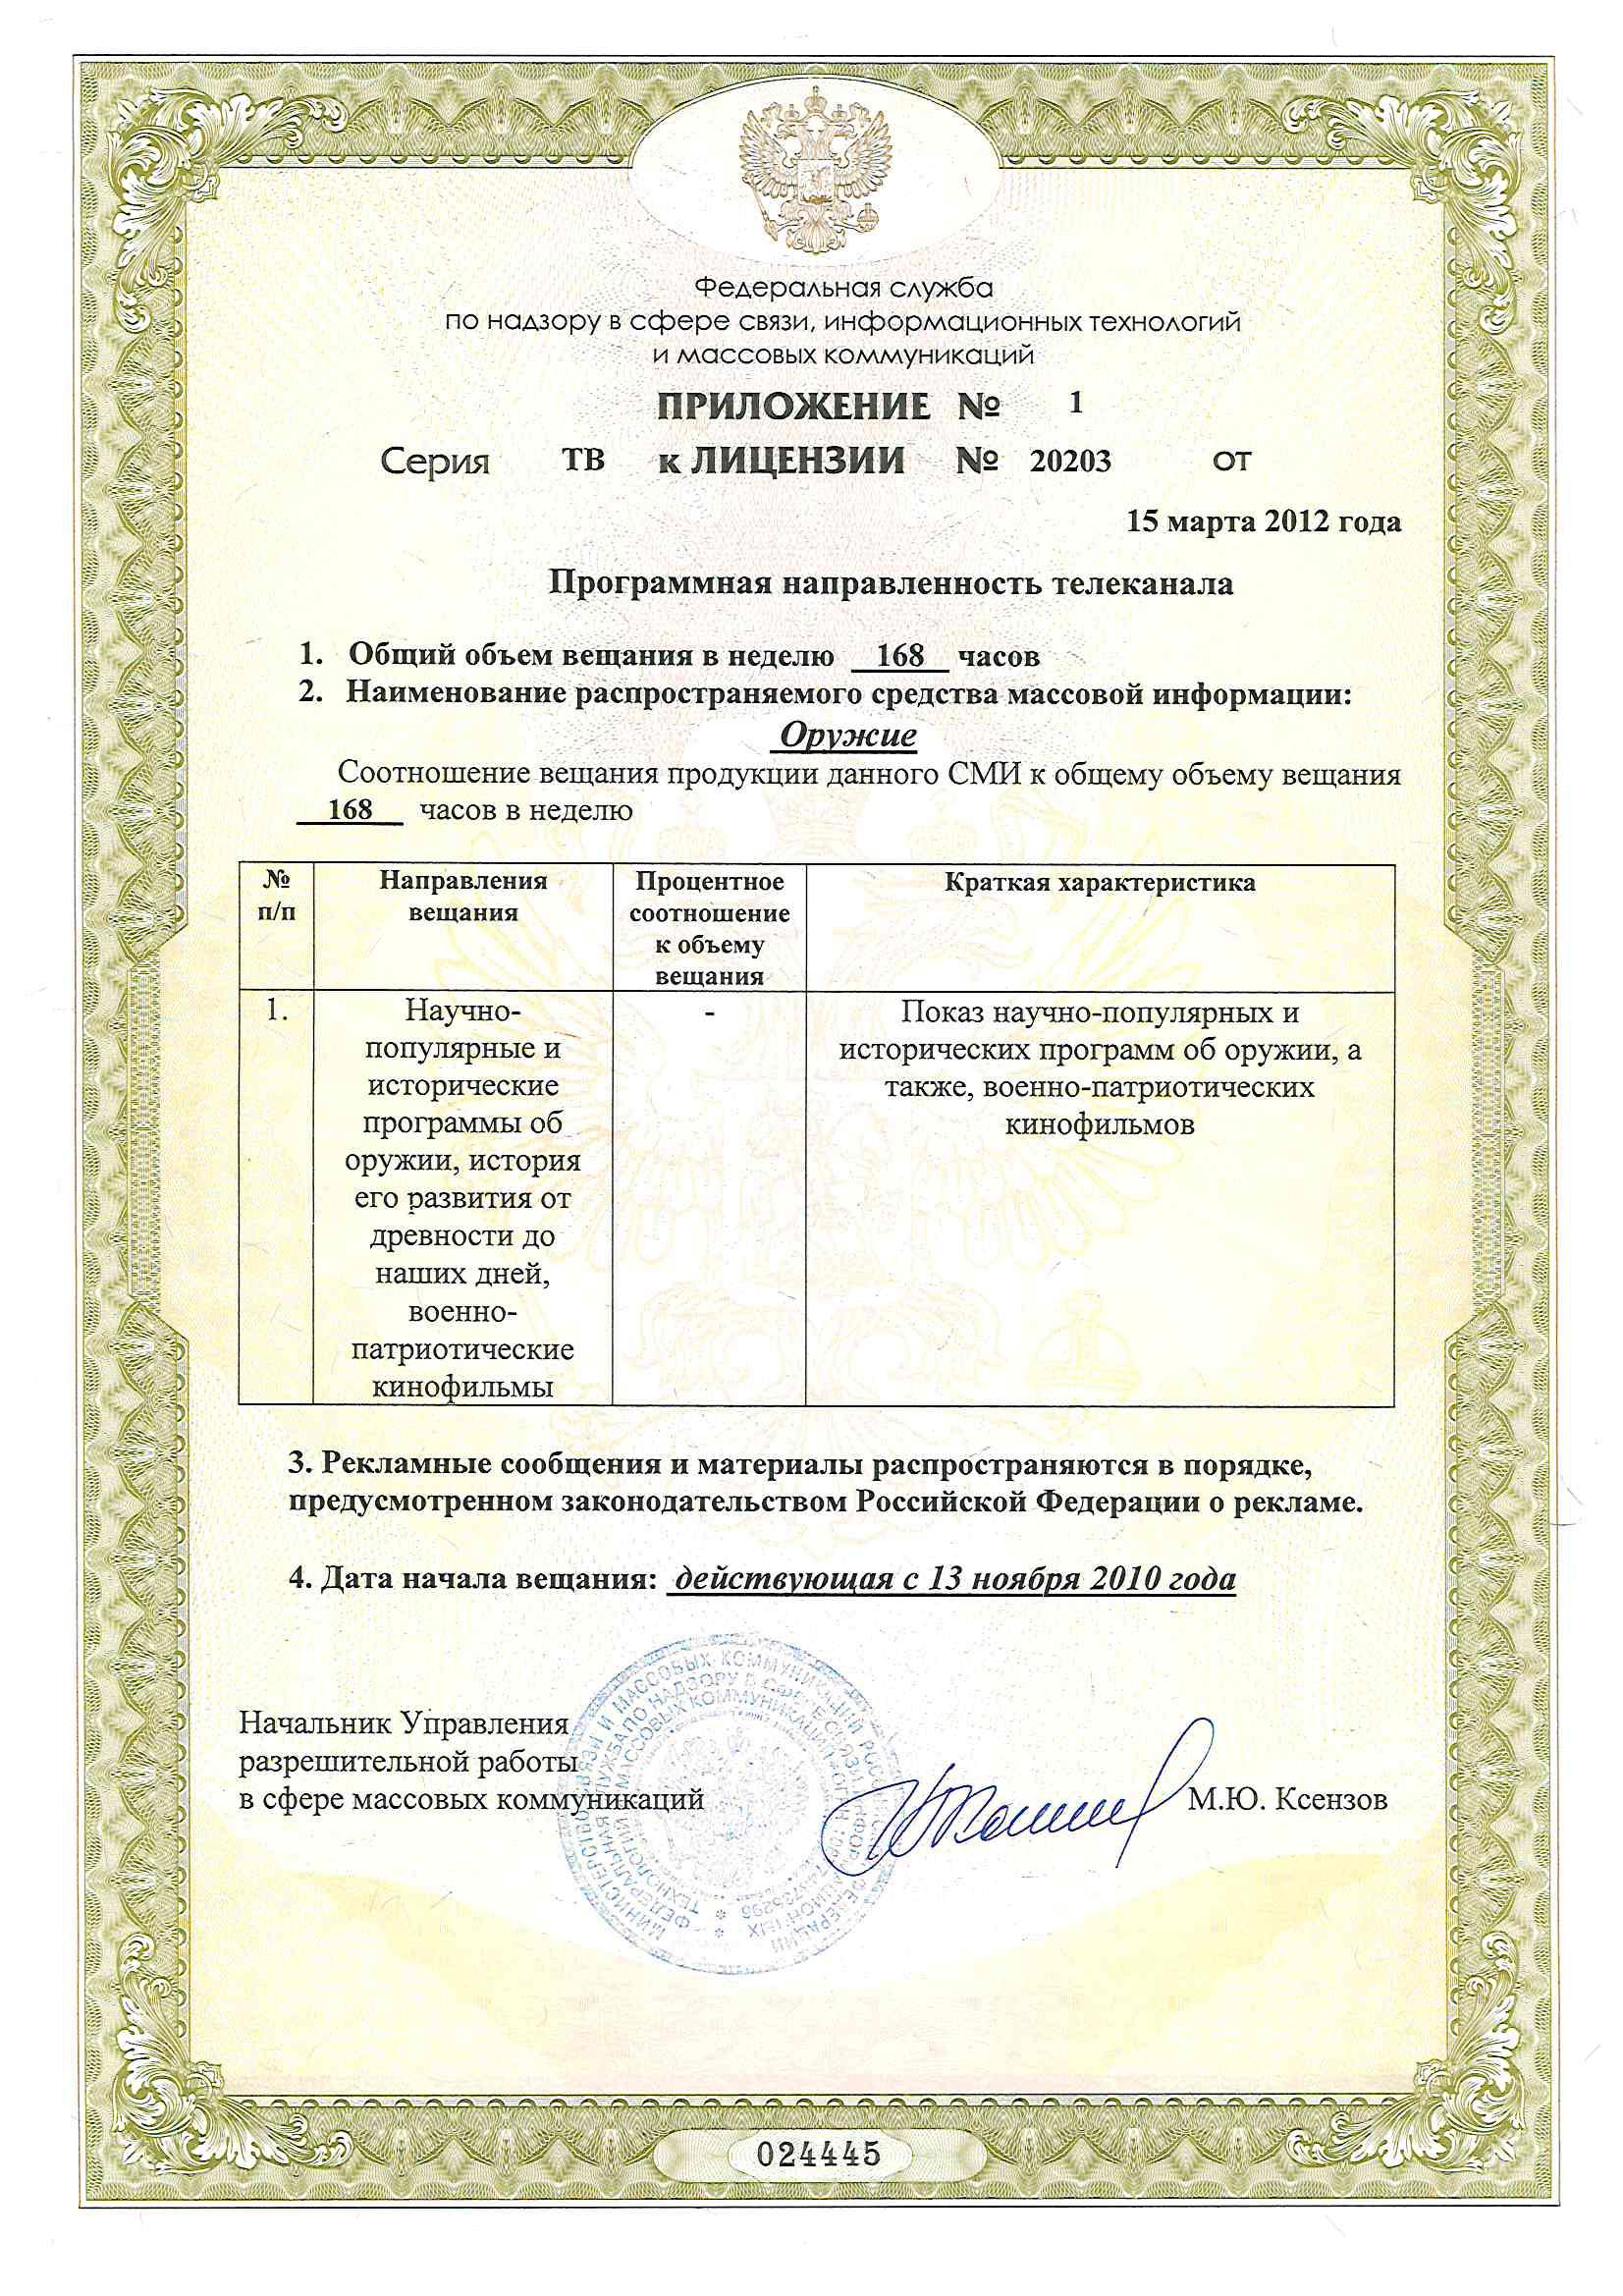 Корфовский Хабаровский кто выдает лицензии на вещание же